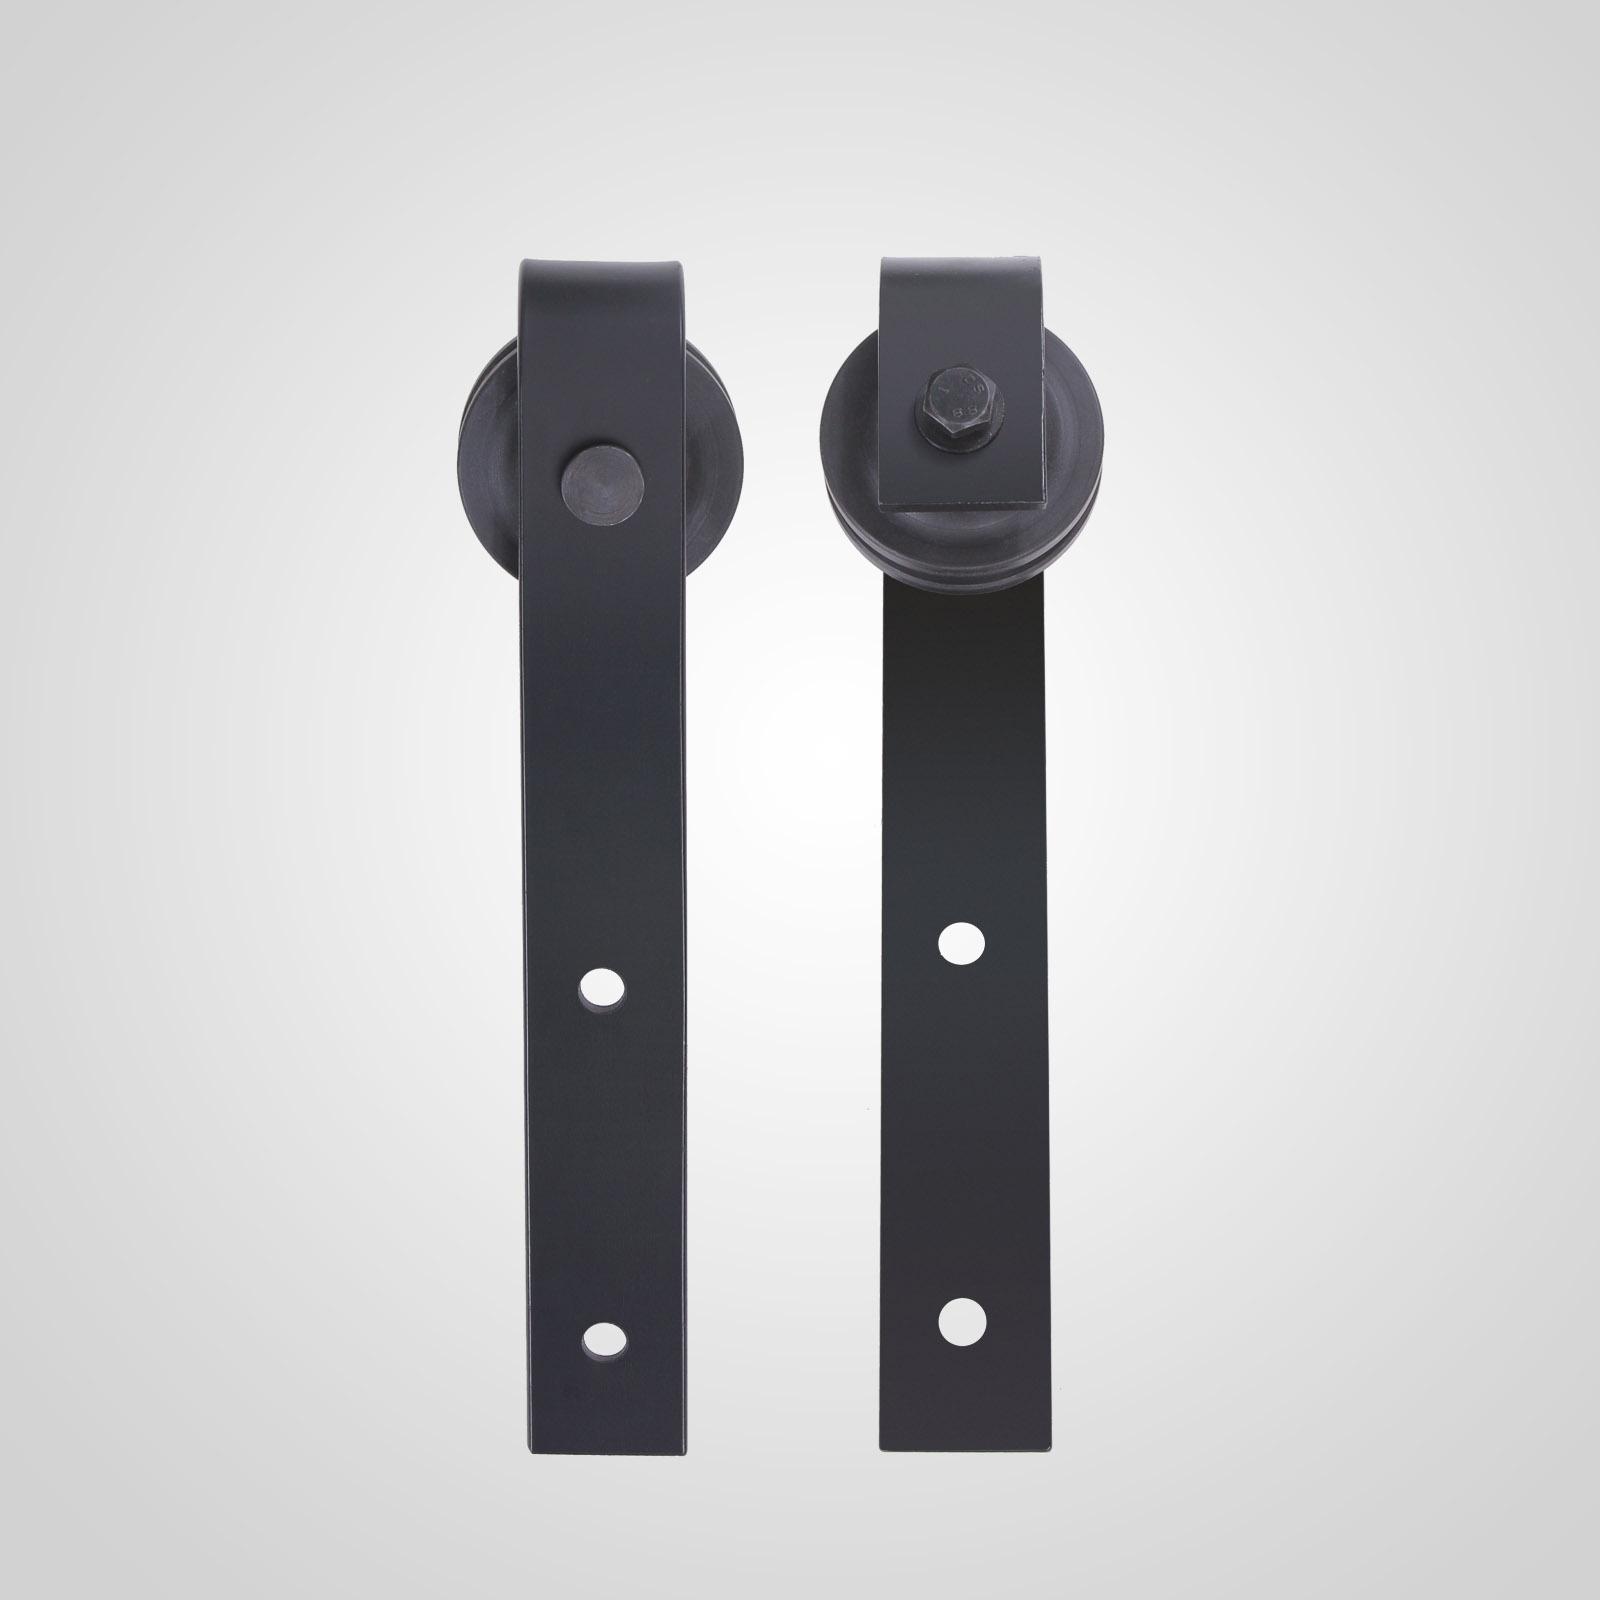 12ft Double Sliding Barn Wood Door Gear Kit Door Track